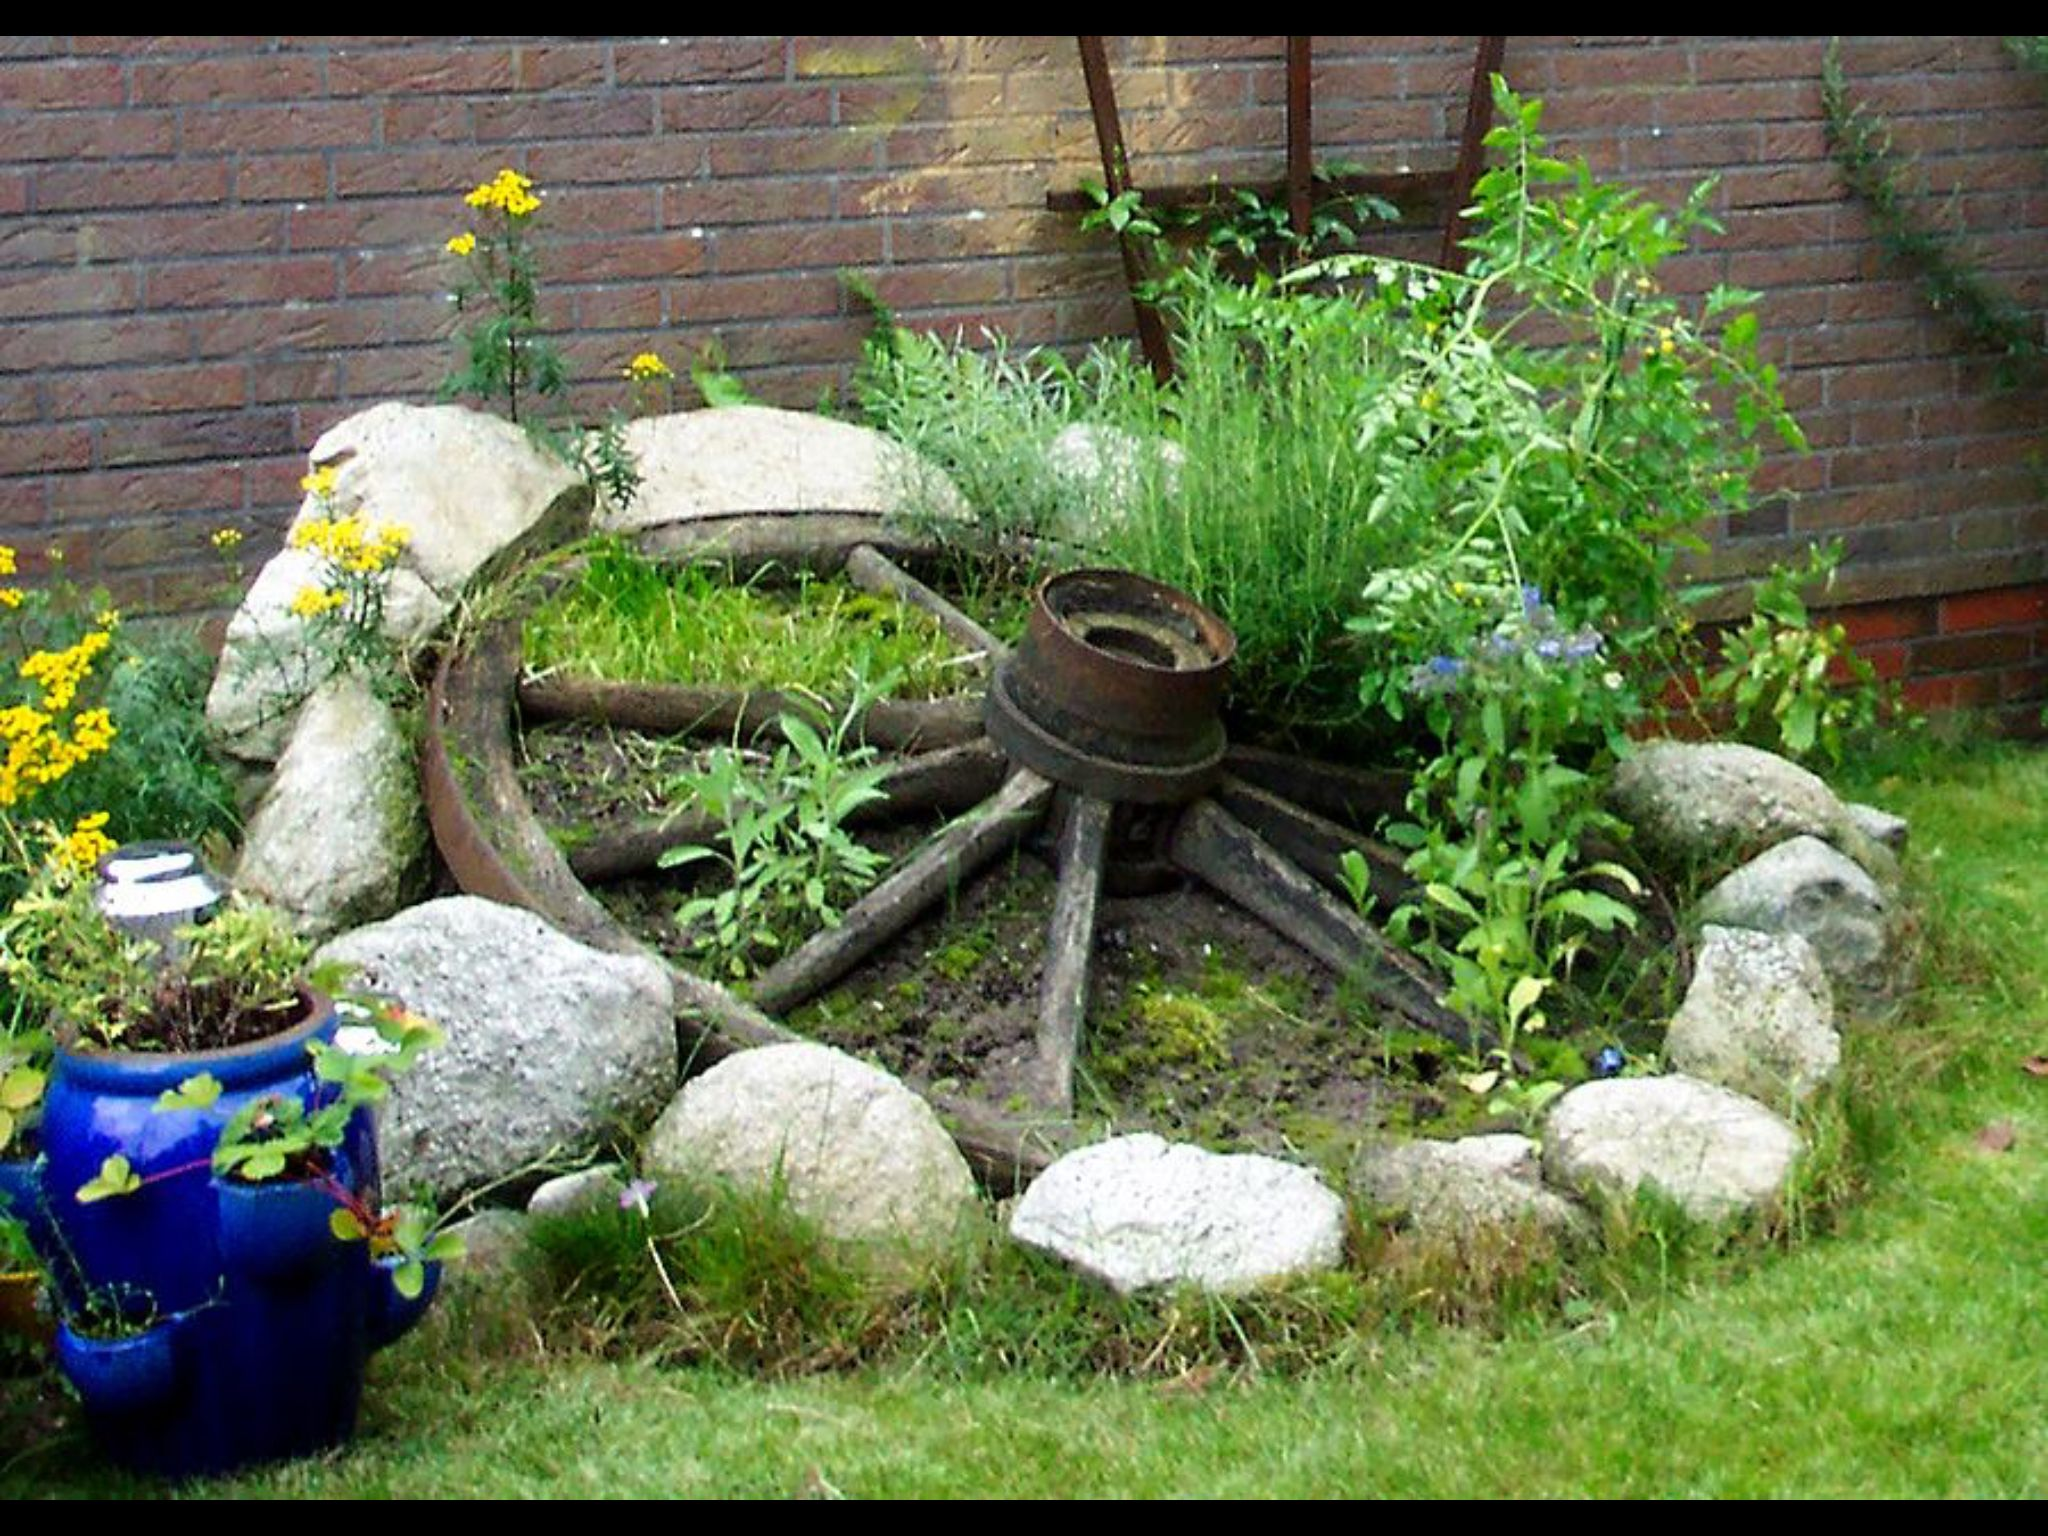 kr uter im wagenrad gartendeko pinterest gardens garten and garden ideas. Black Bedroom Furniture Sets. Home Design Ideas